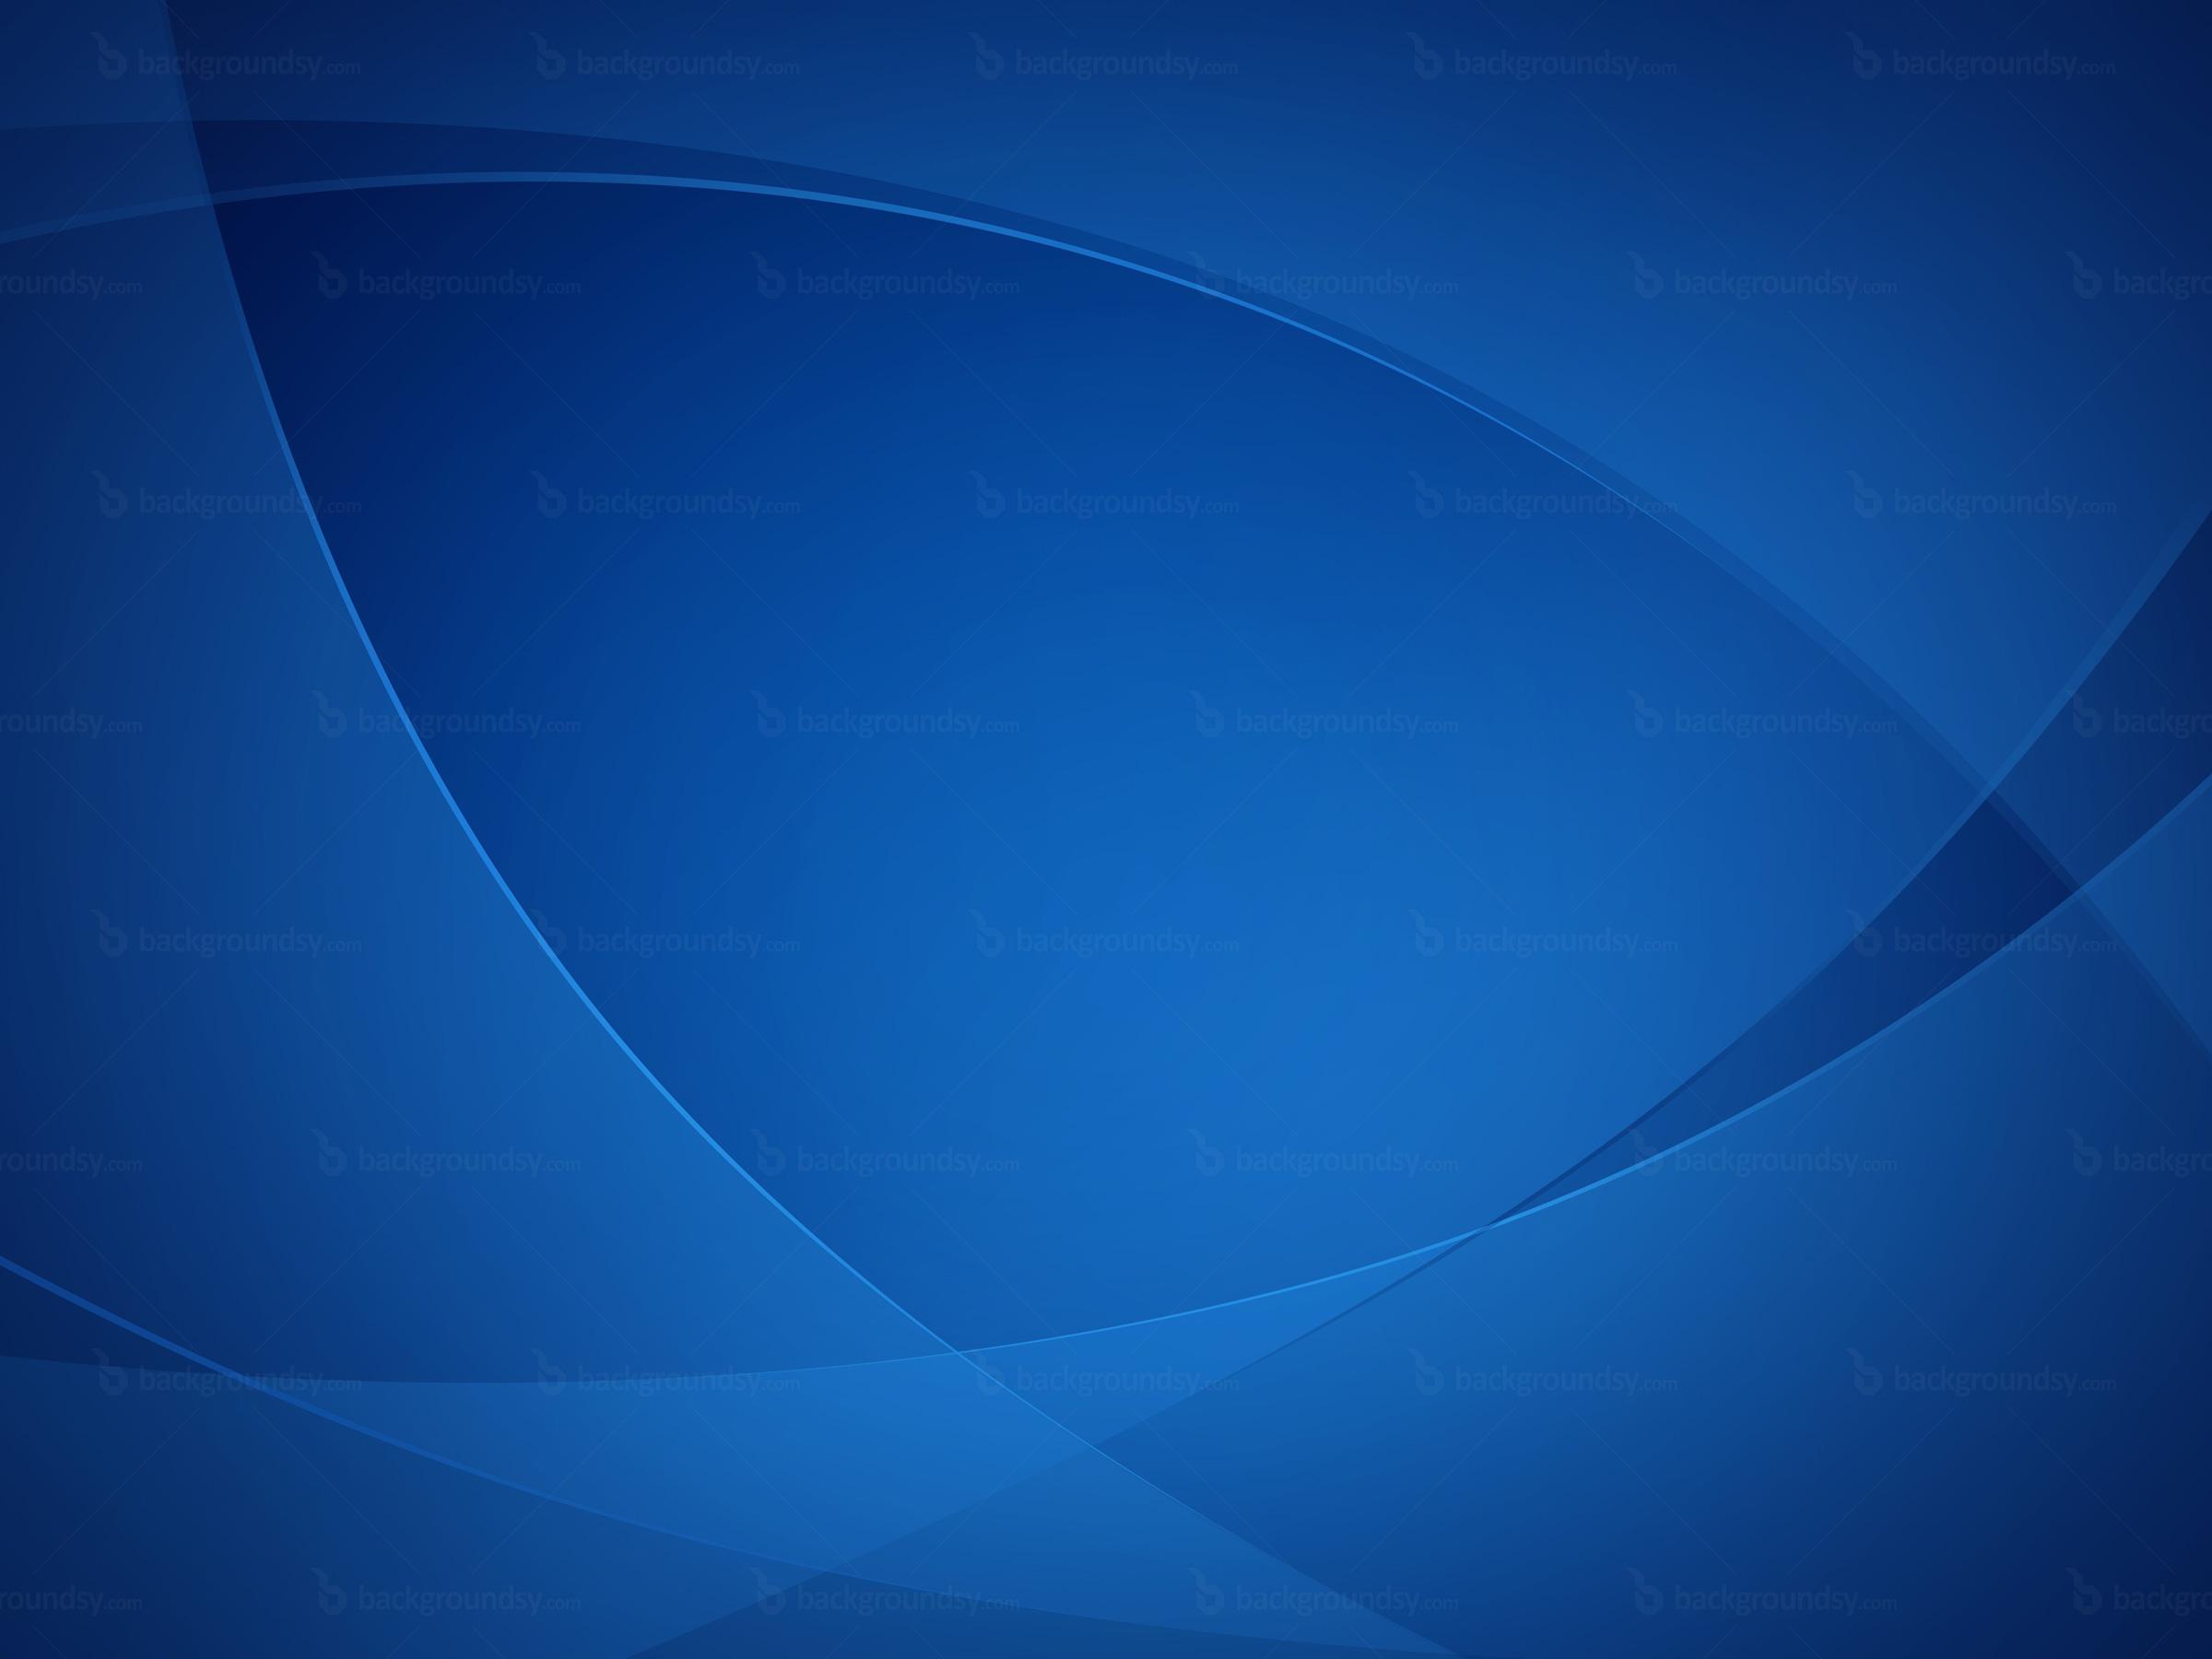 Blue background Backgroundsycom 2400x1800